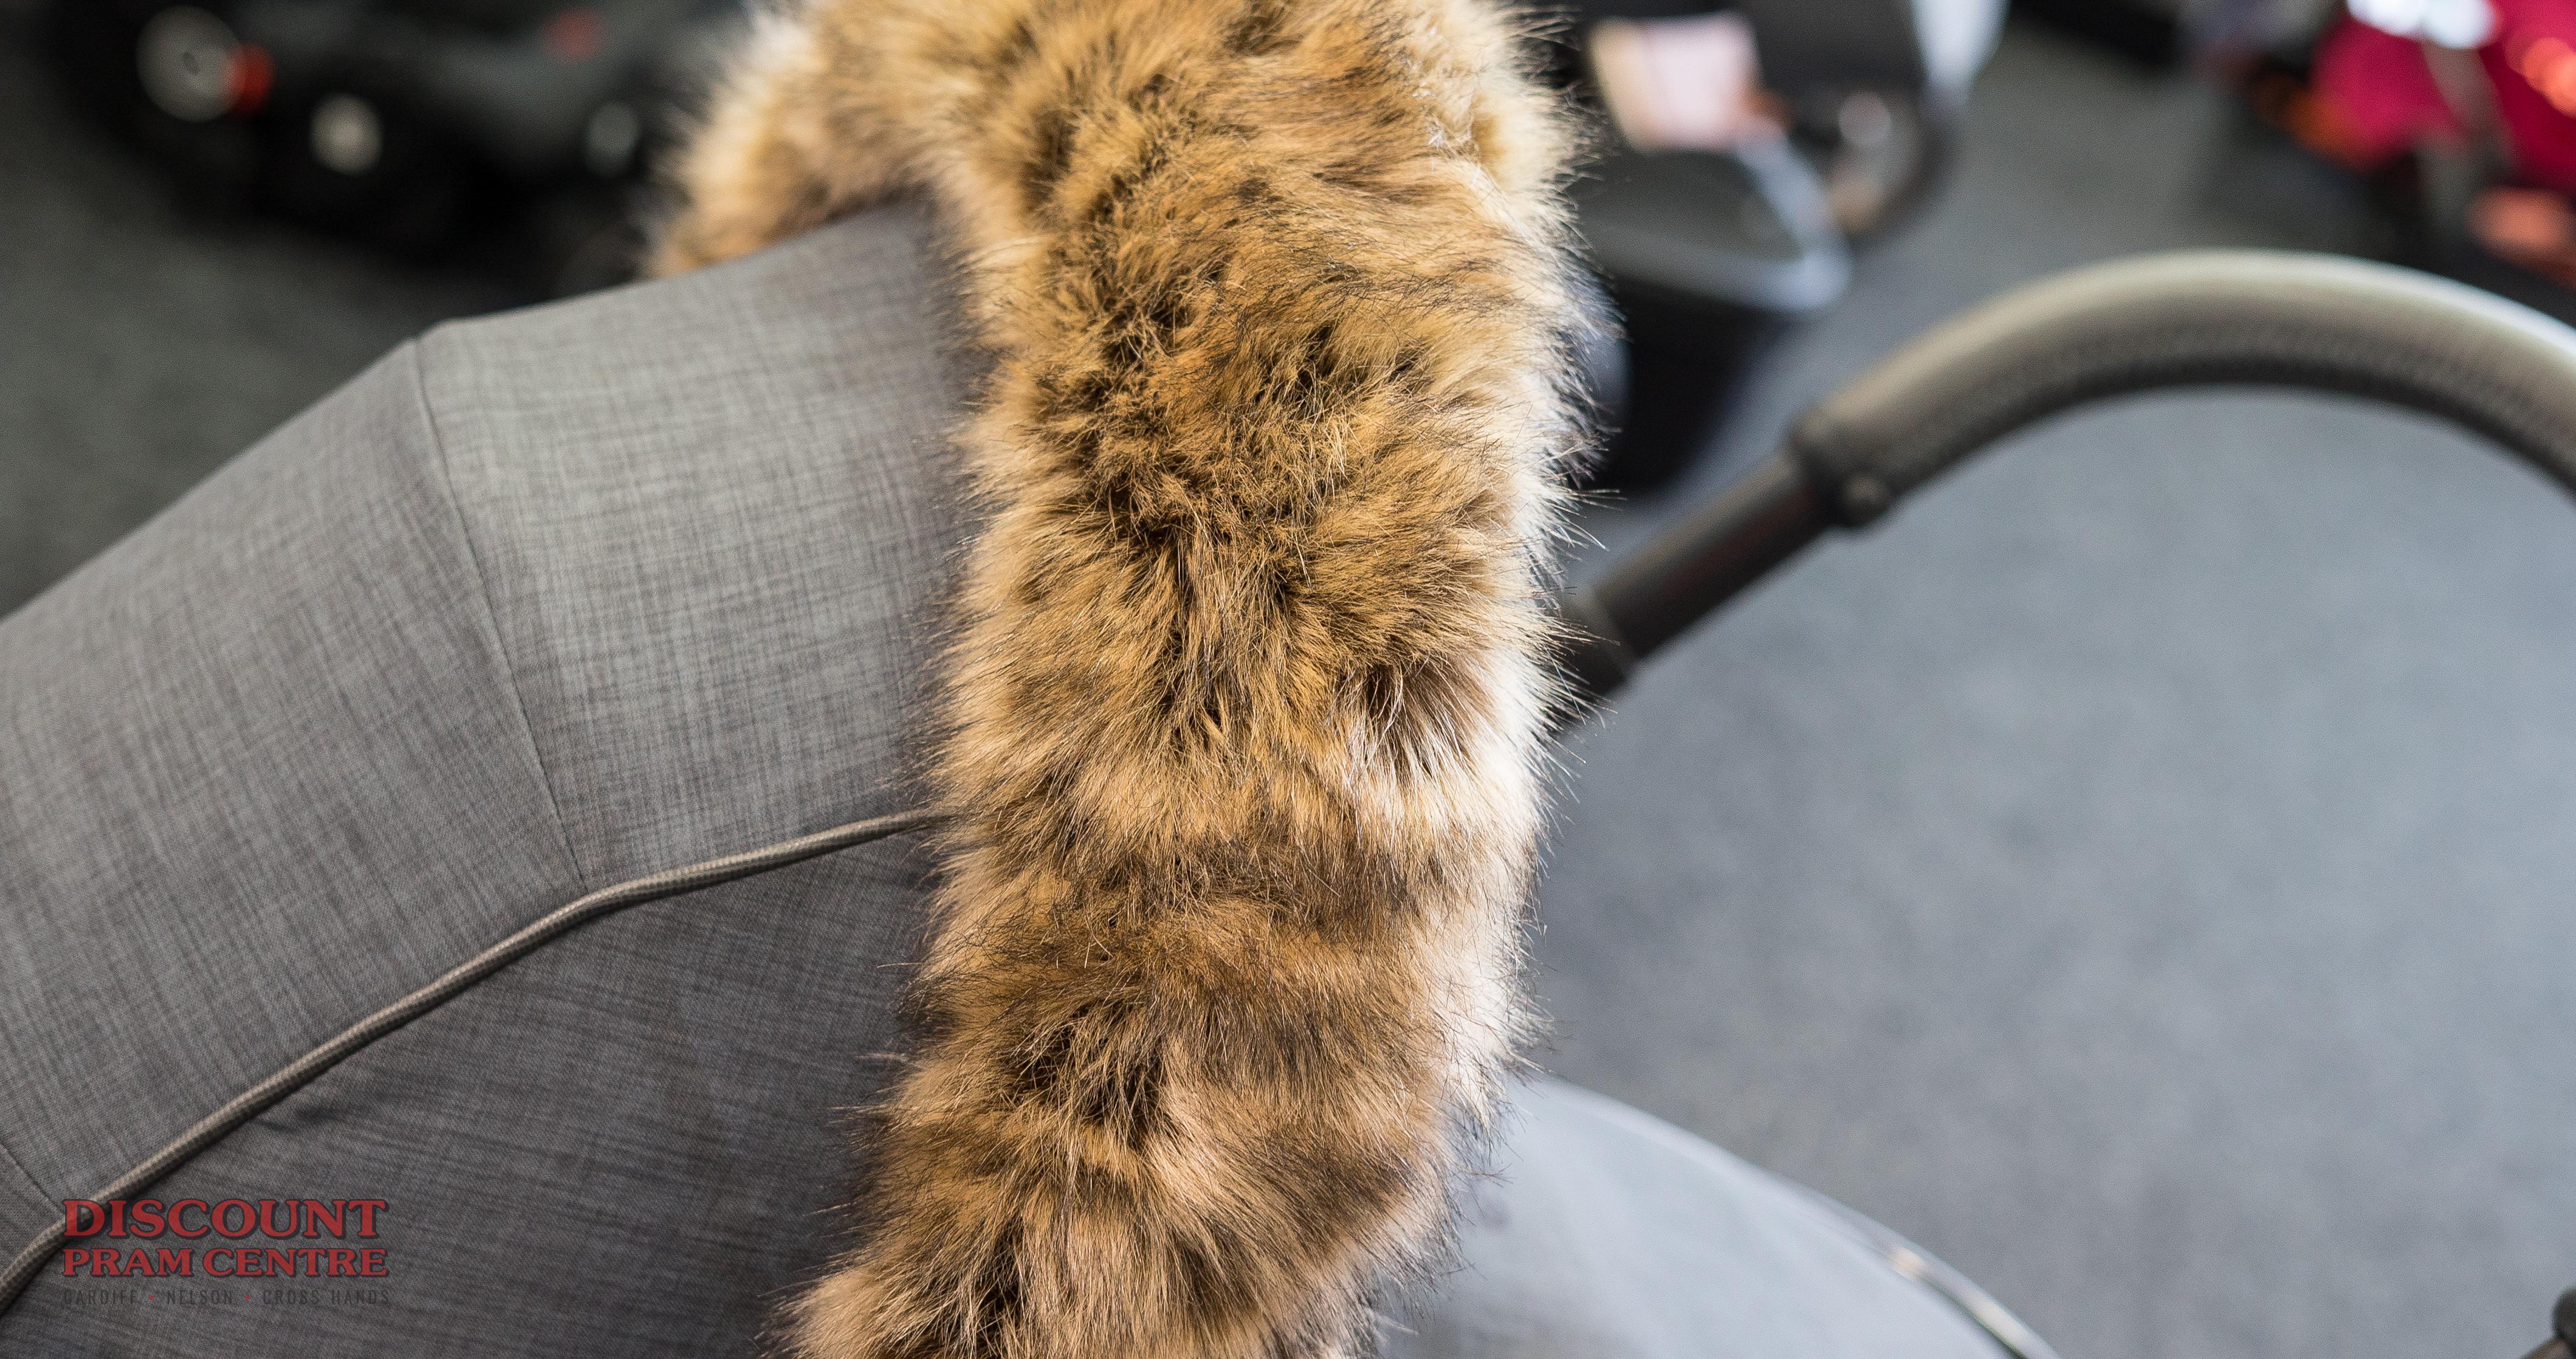 Pram Furs - Discount Pram Centre - 12